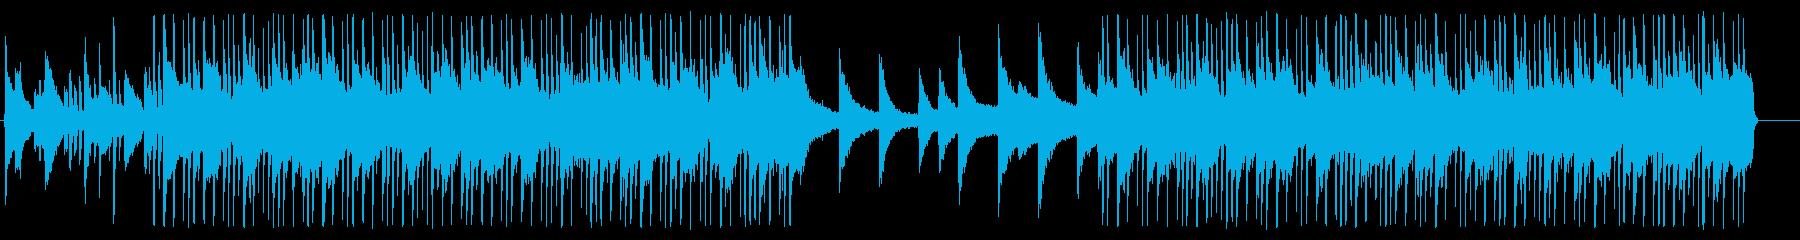 おしゃれなR&BオルガンBGM05の再生済みの波形